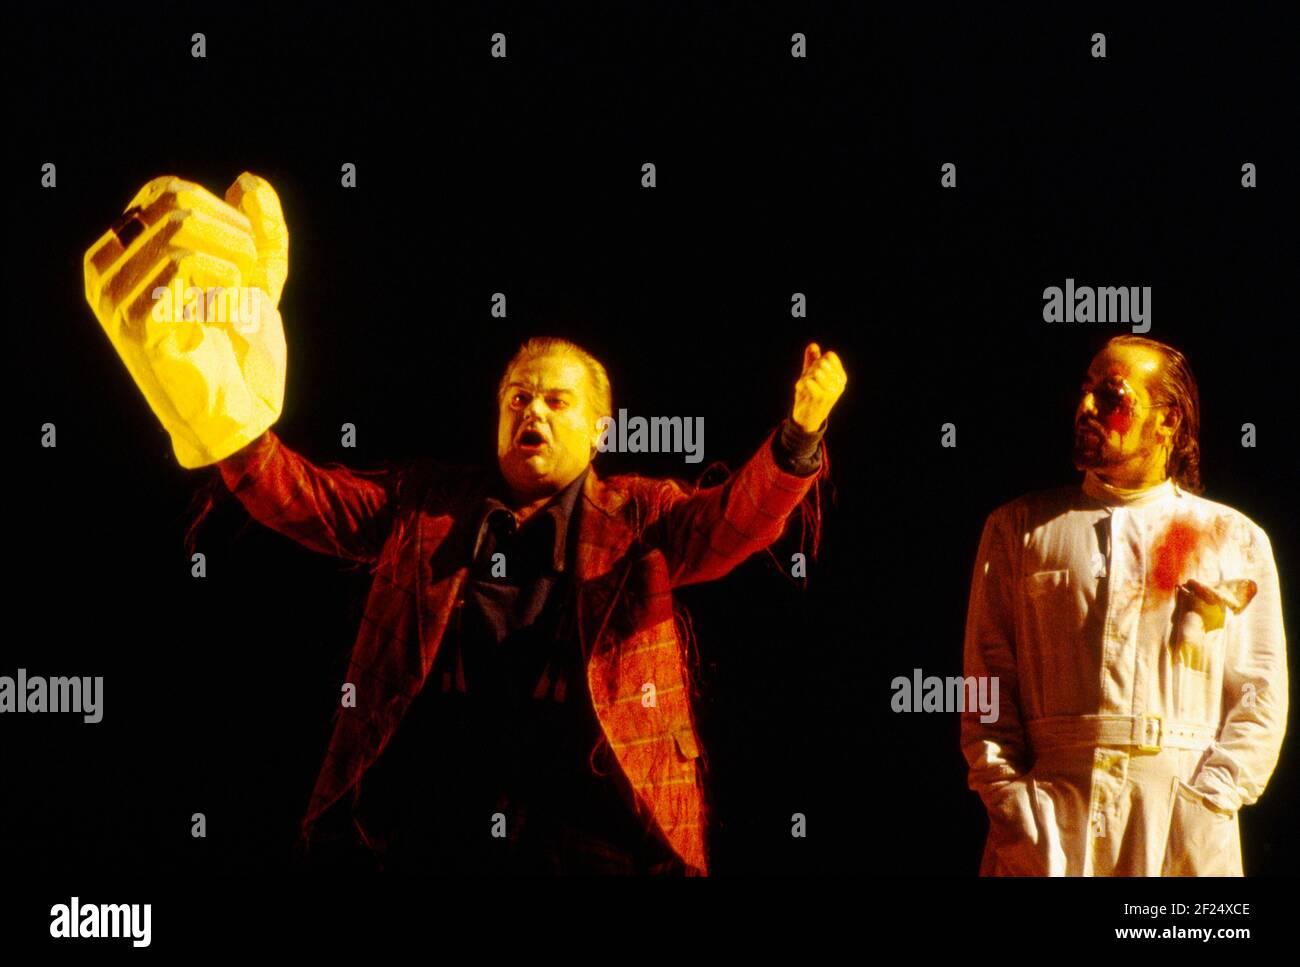 l-r: Ekkehard Wlaschiha (Alberich), John Tomlinson (Wotan) dans DAS RHEINGOLD par Wagner à l'Opéra Royal, Covent Garden, Londres WC2 13/10/1994 chef d'orchestre: Bernard Haitink design: Nigel Lowery éclairage: Pat Collins directeur: Richard Jones Banque D'Images